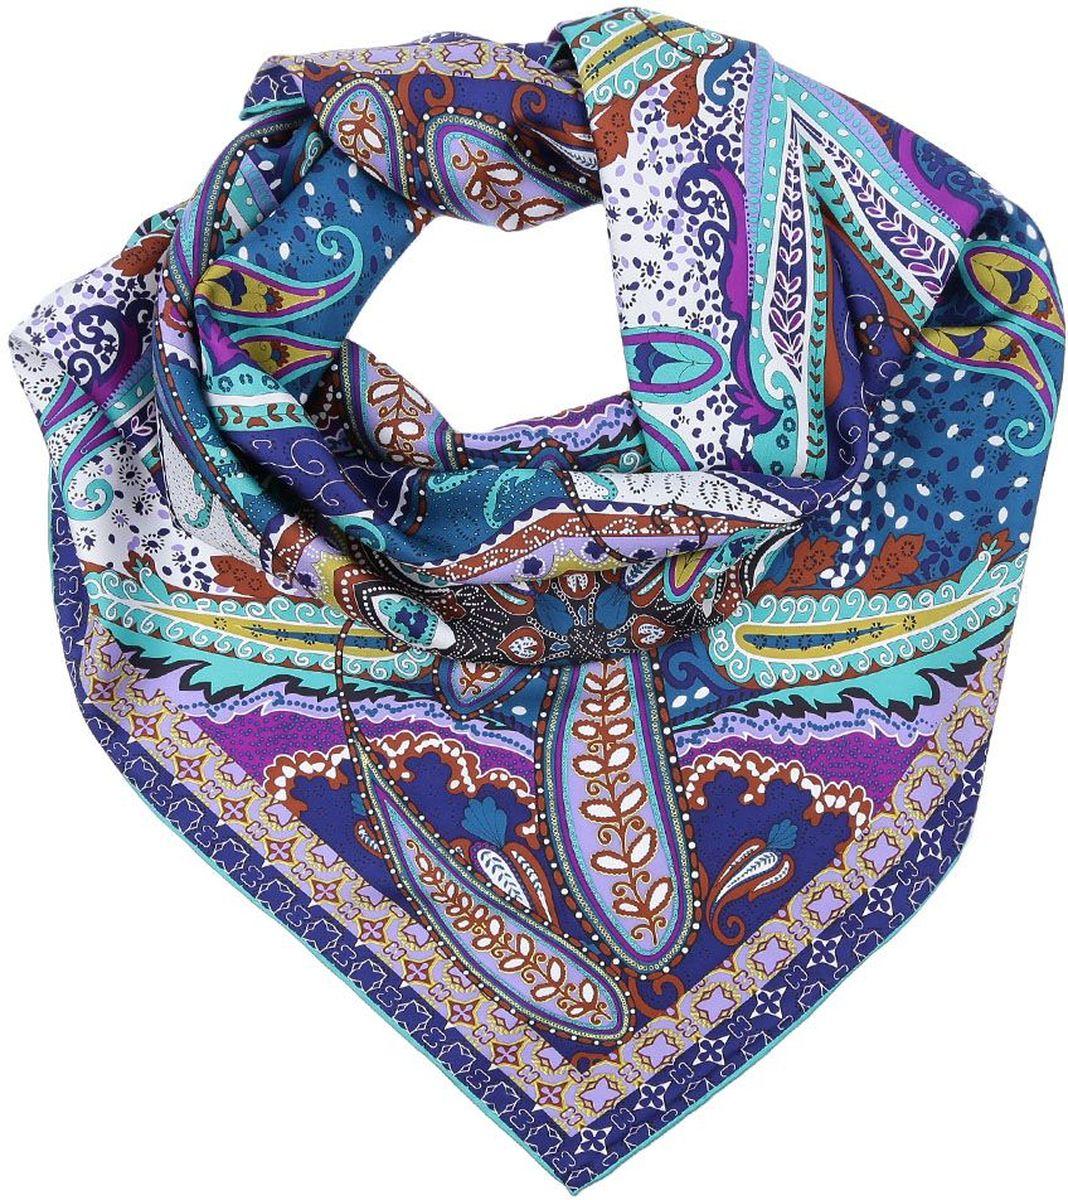 ПлатокCX1617-11-9Яркий женский платок от итальянского бренда Fabretti выполнен из натурального шелка с плетением - сатин, что придает изделию неповторимый роскошный блеск и гладкость фактуры. Дизайнерский принт пейсли украсит любой современный образ, а тонкая и прочная нить, создающая струящуюся ткать, подчеркнет изысканный вкус своей обладательницы